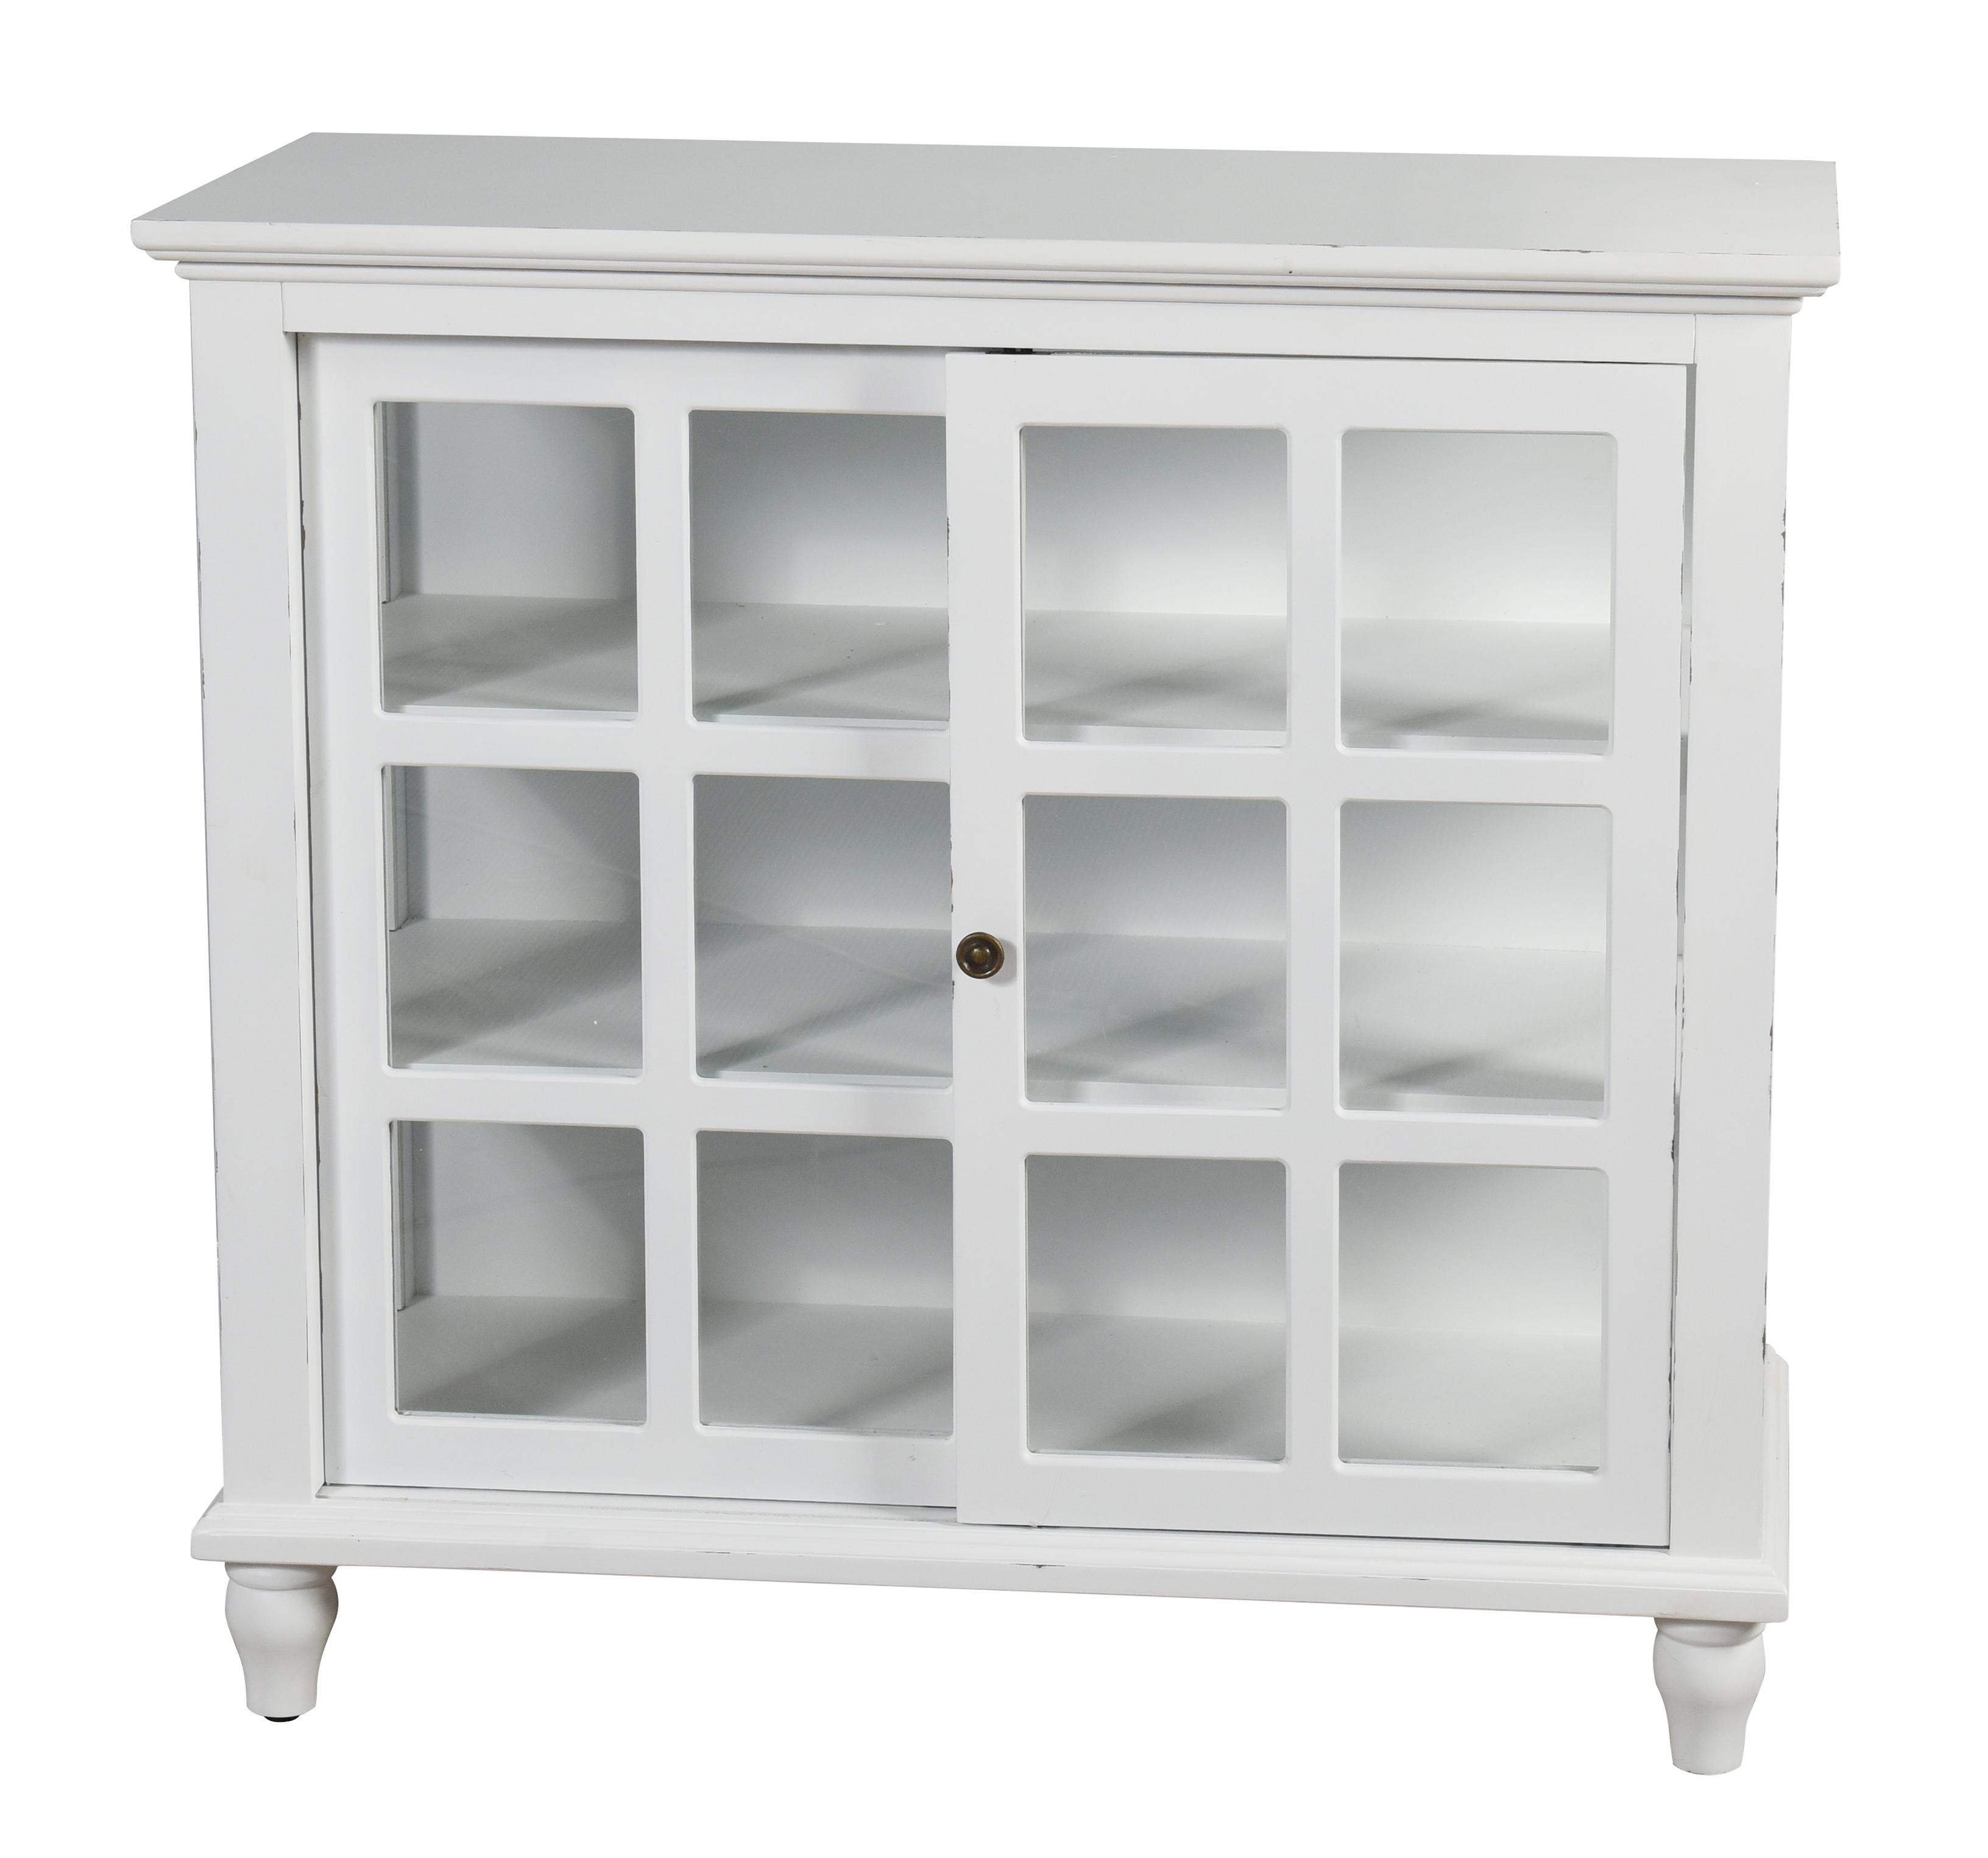 StyleCraft - Archer Ridge Sliding Door Cabinet - Distressed White